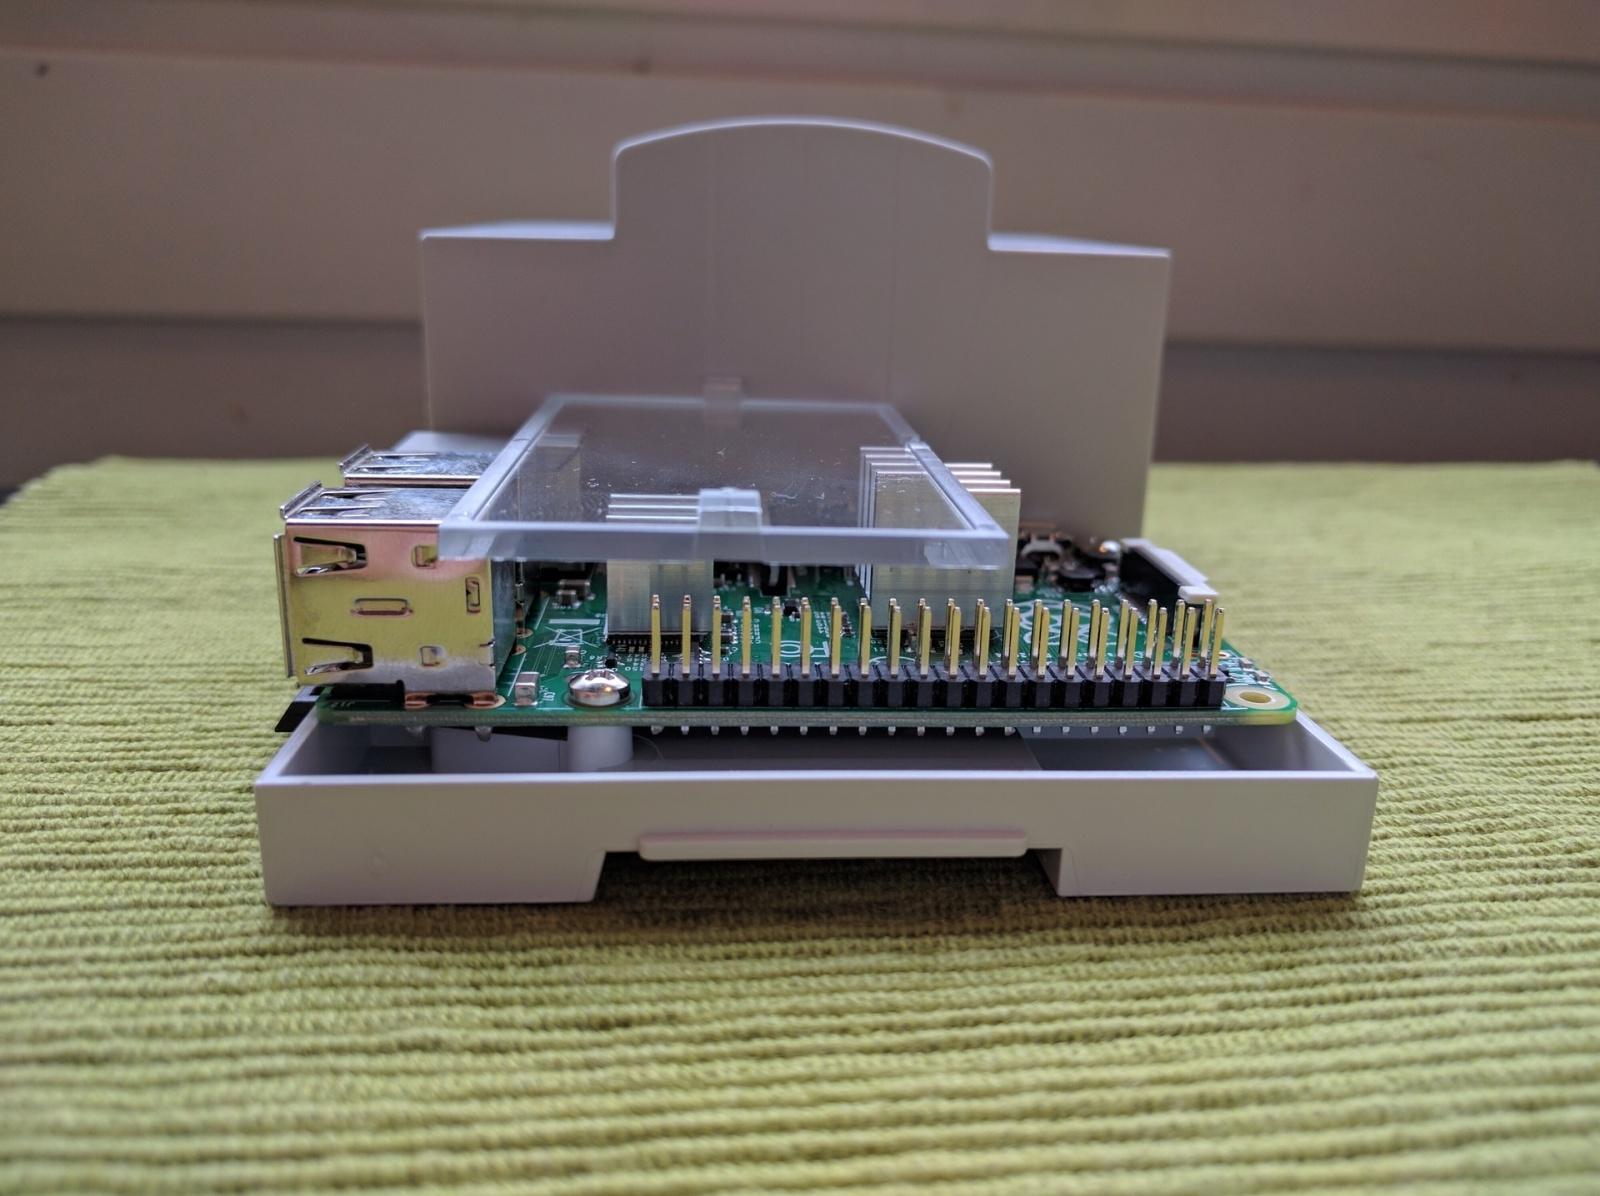 Как я читал показания датчиков через SNMP (Python+AgentX+systemd+Raspberry Pi) и соорудил ещё одну мониторилку - 8